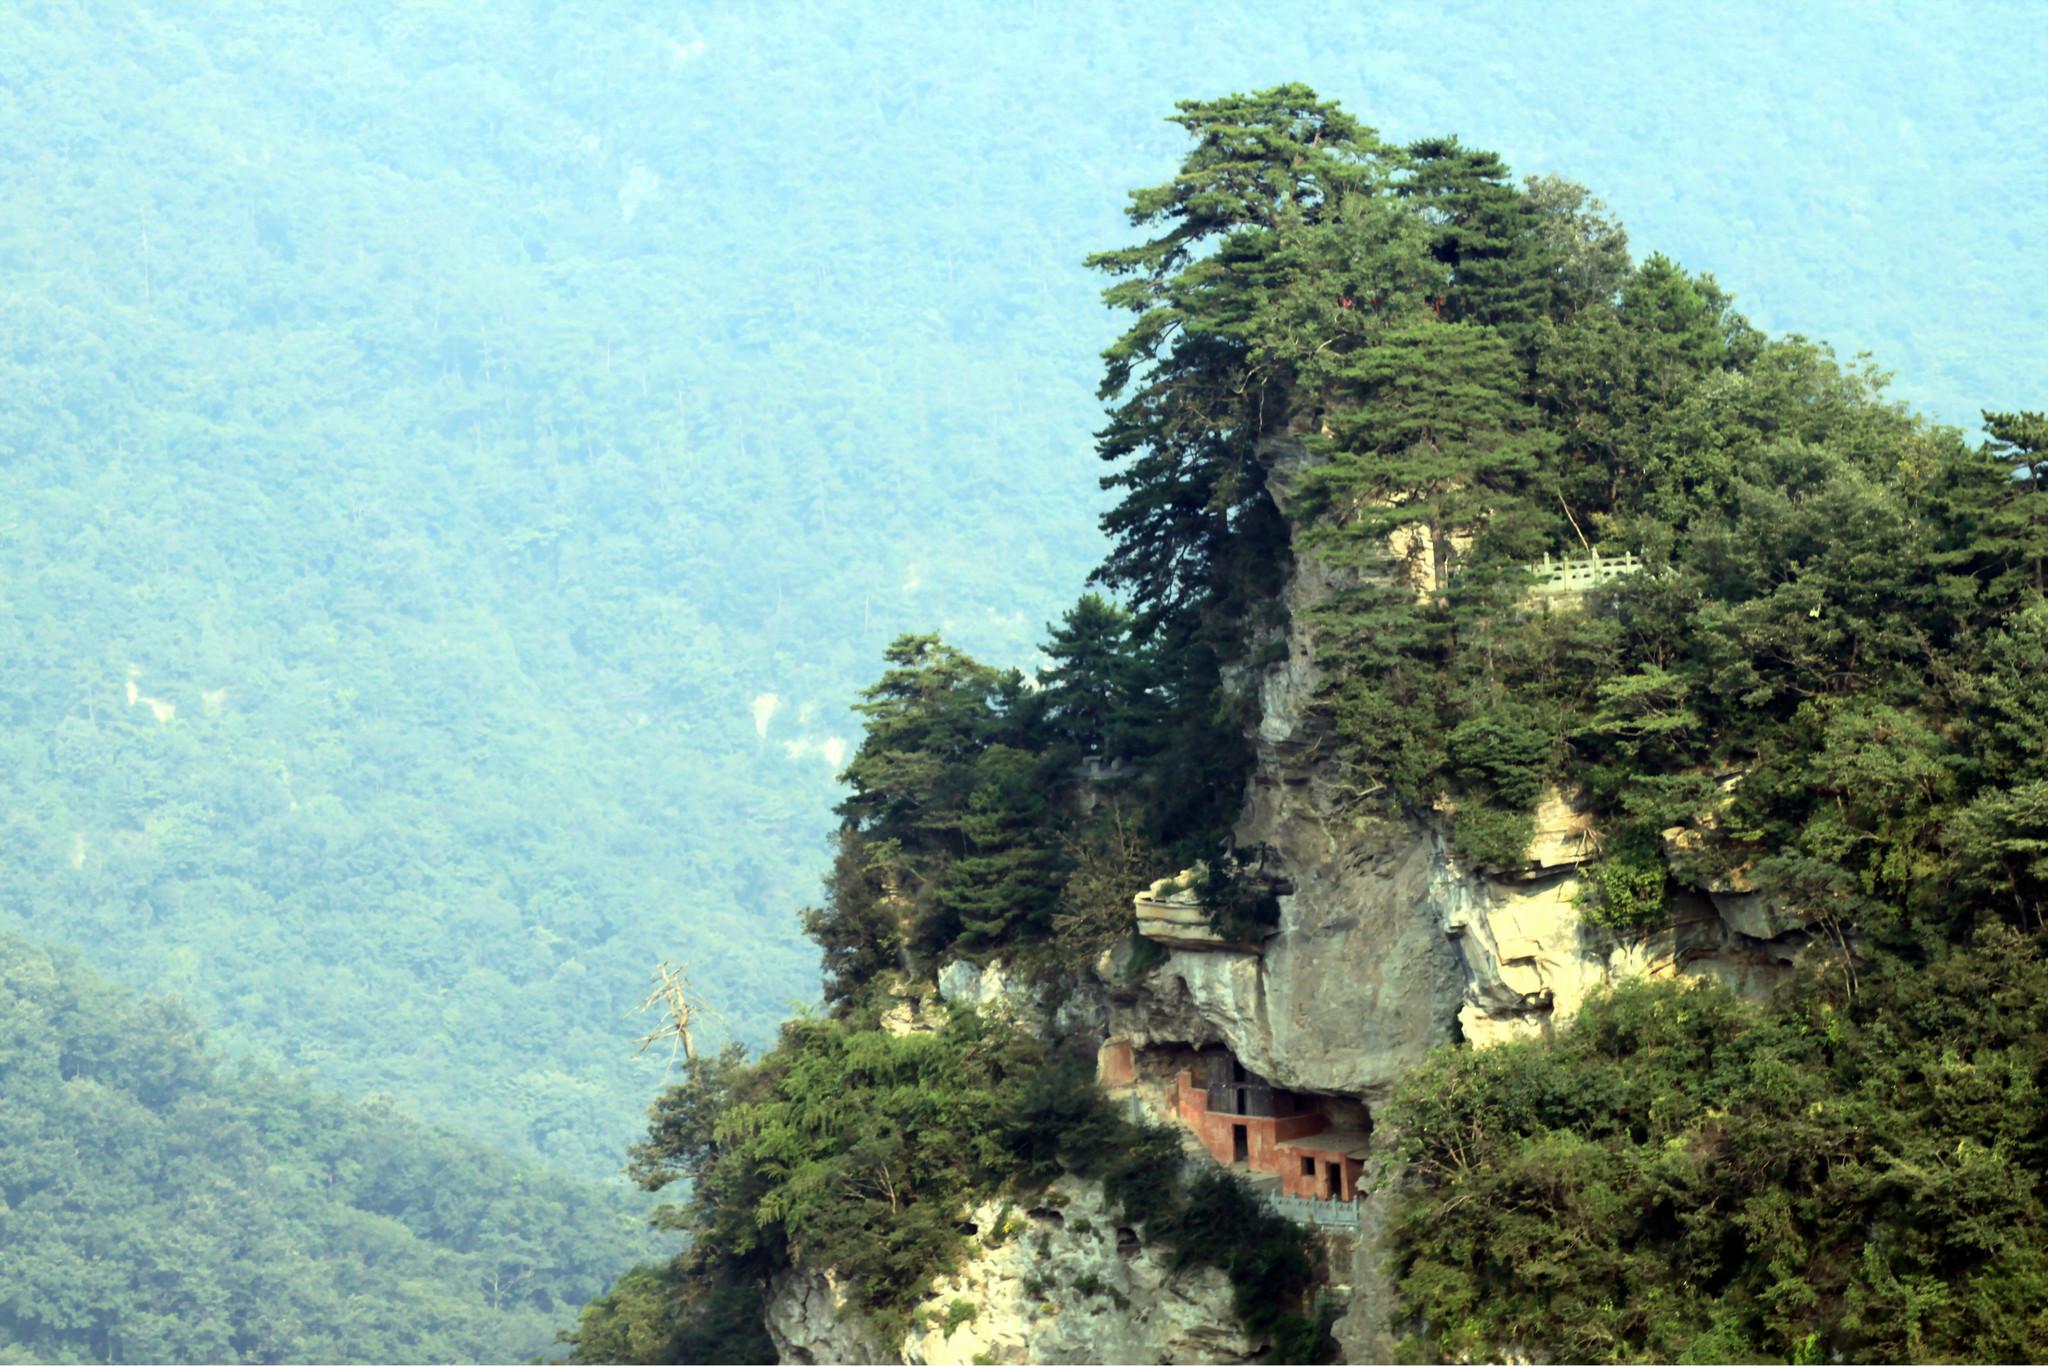 懸崖上的廢棄房子